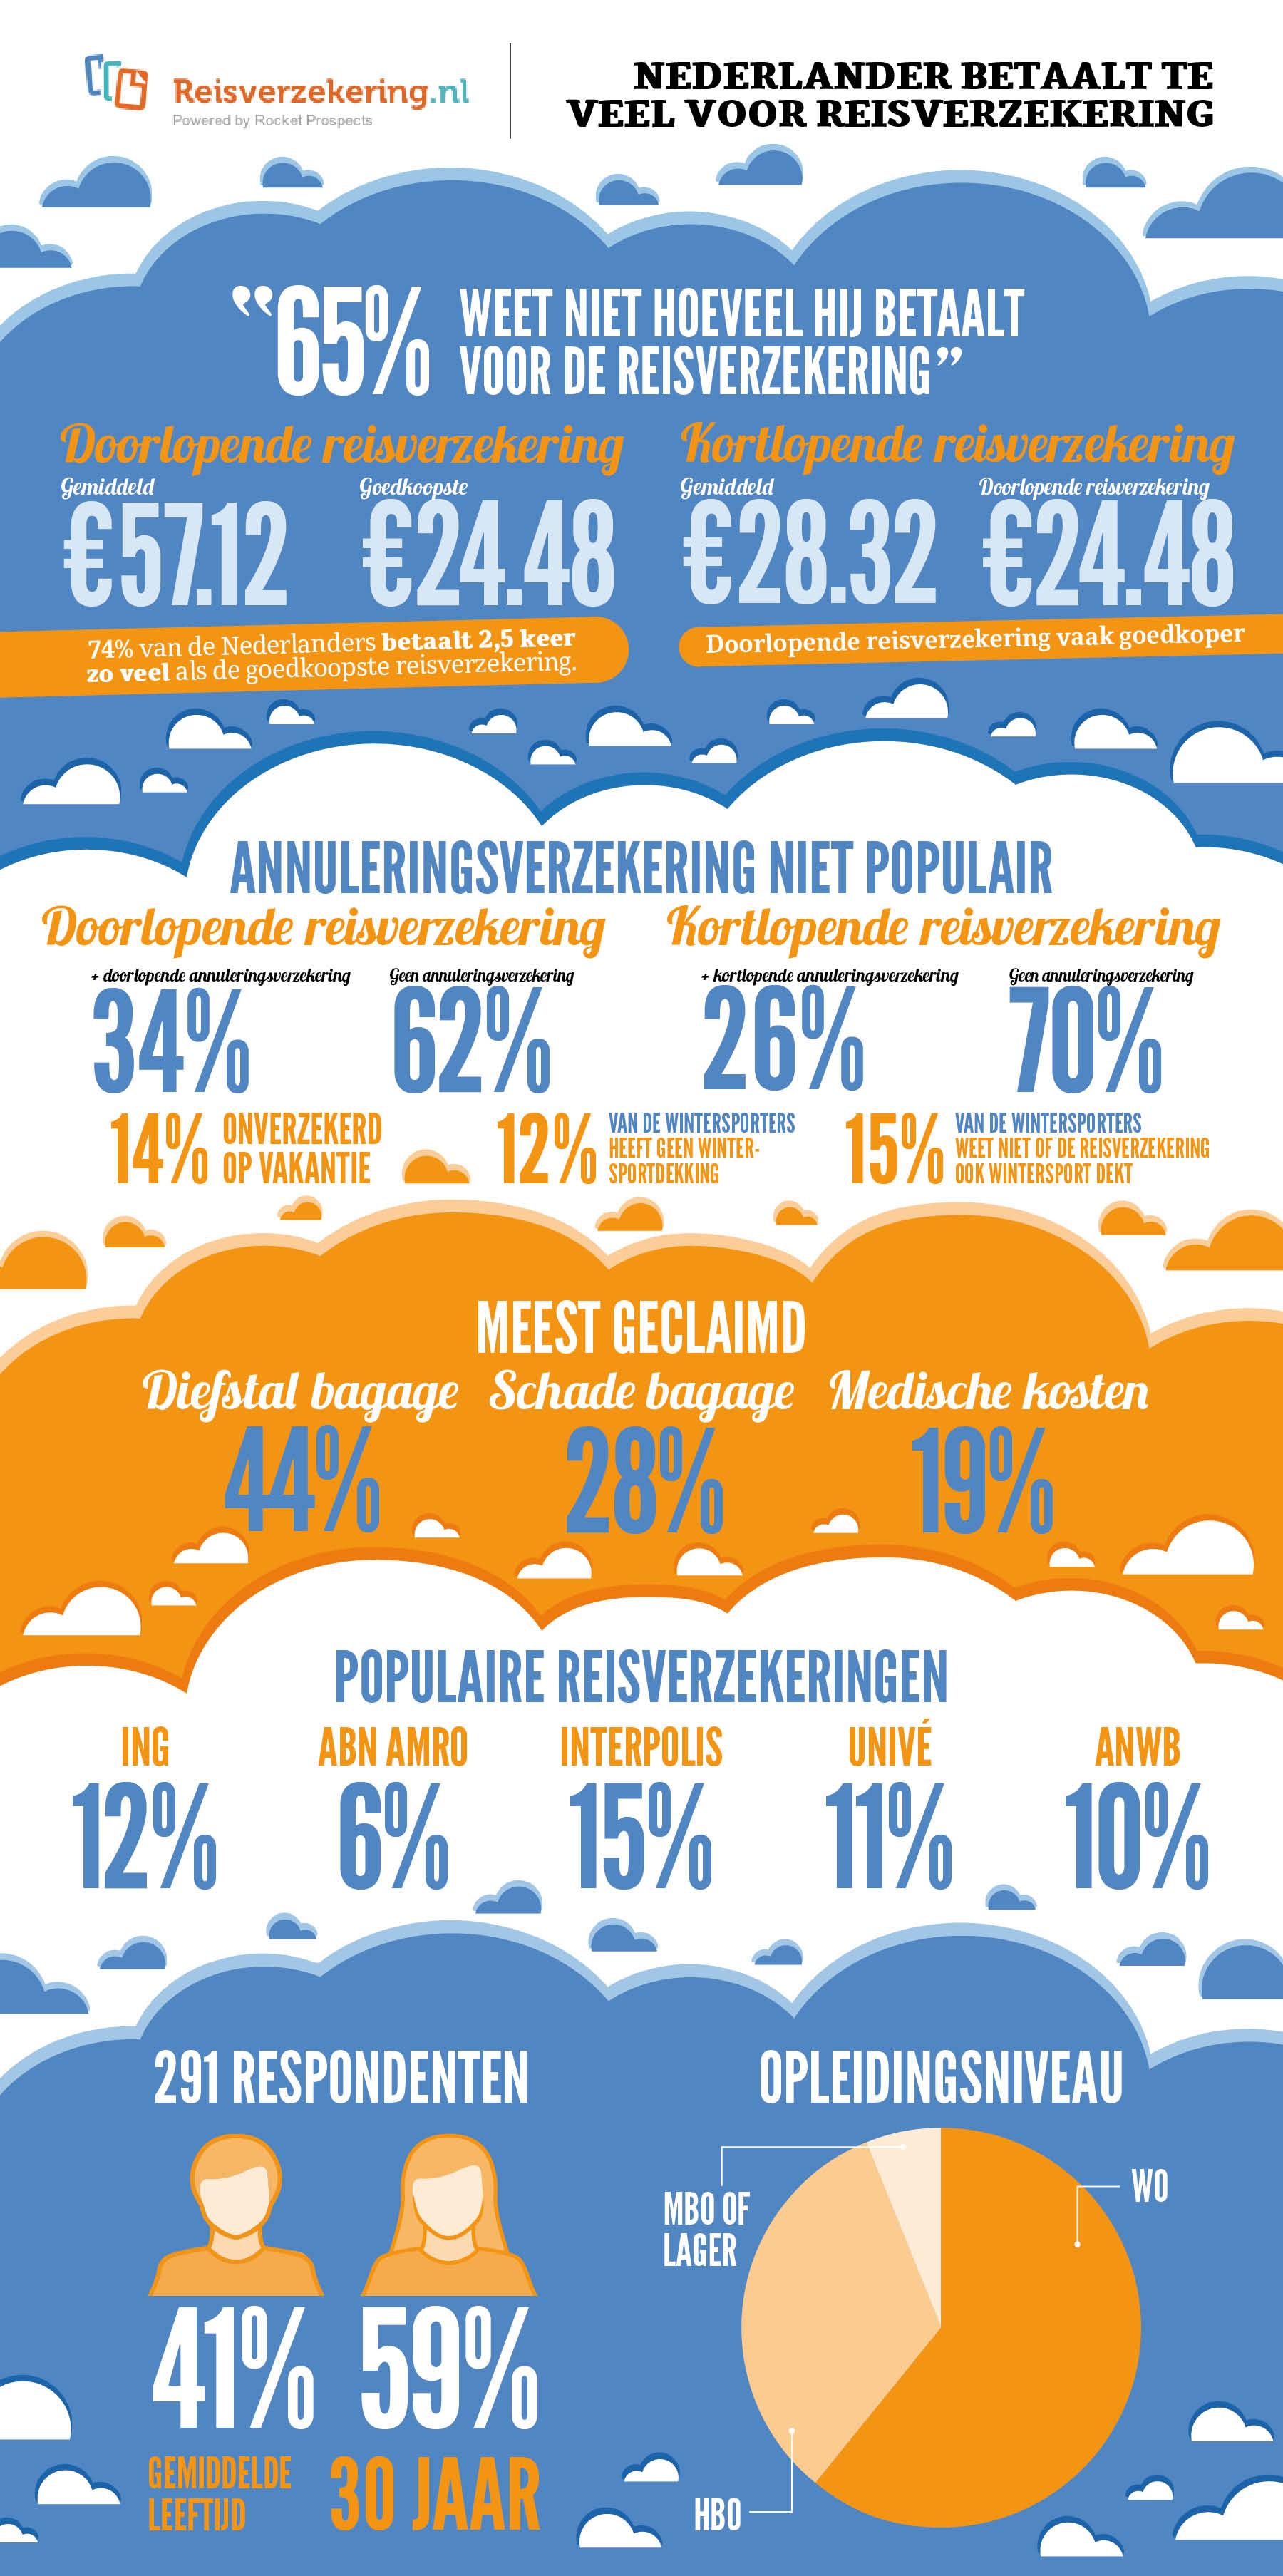 Infographic_Nederlander_betaalt_te_veel_voor_reisverzekering